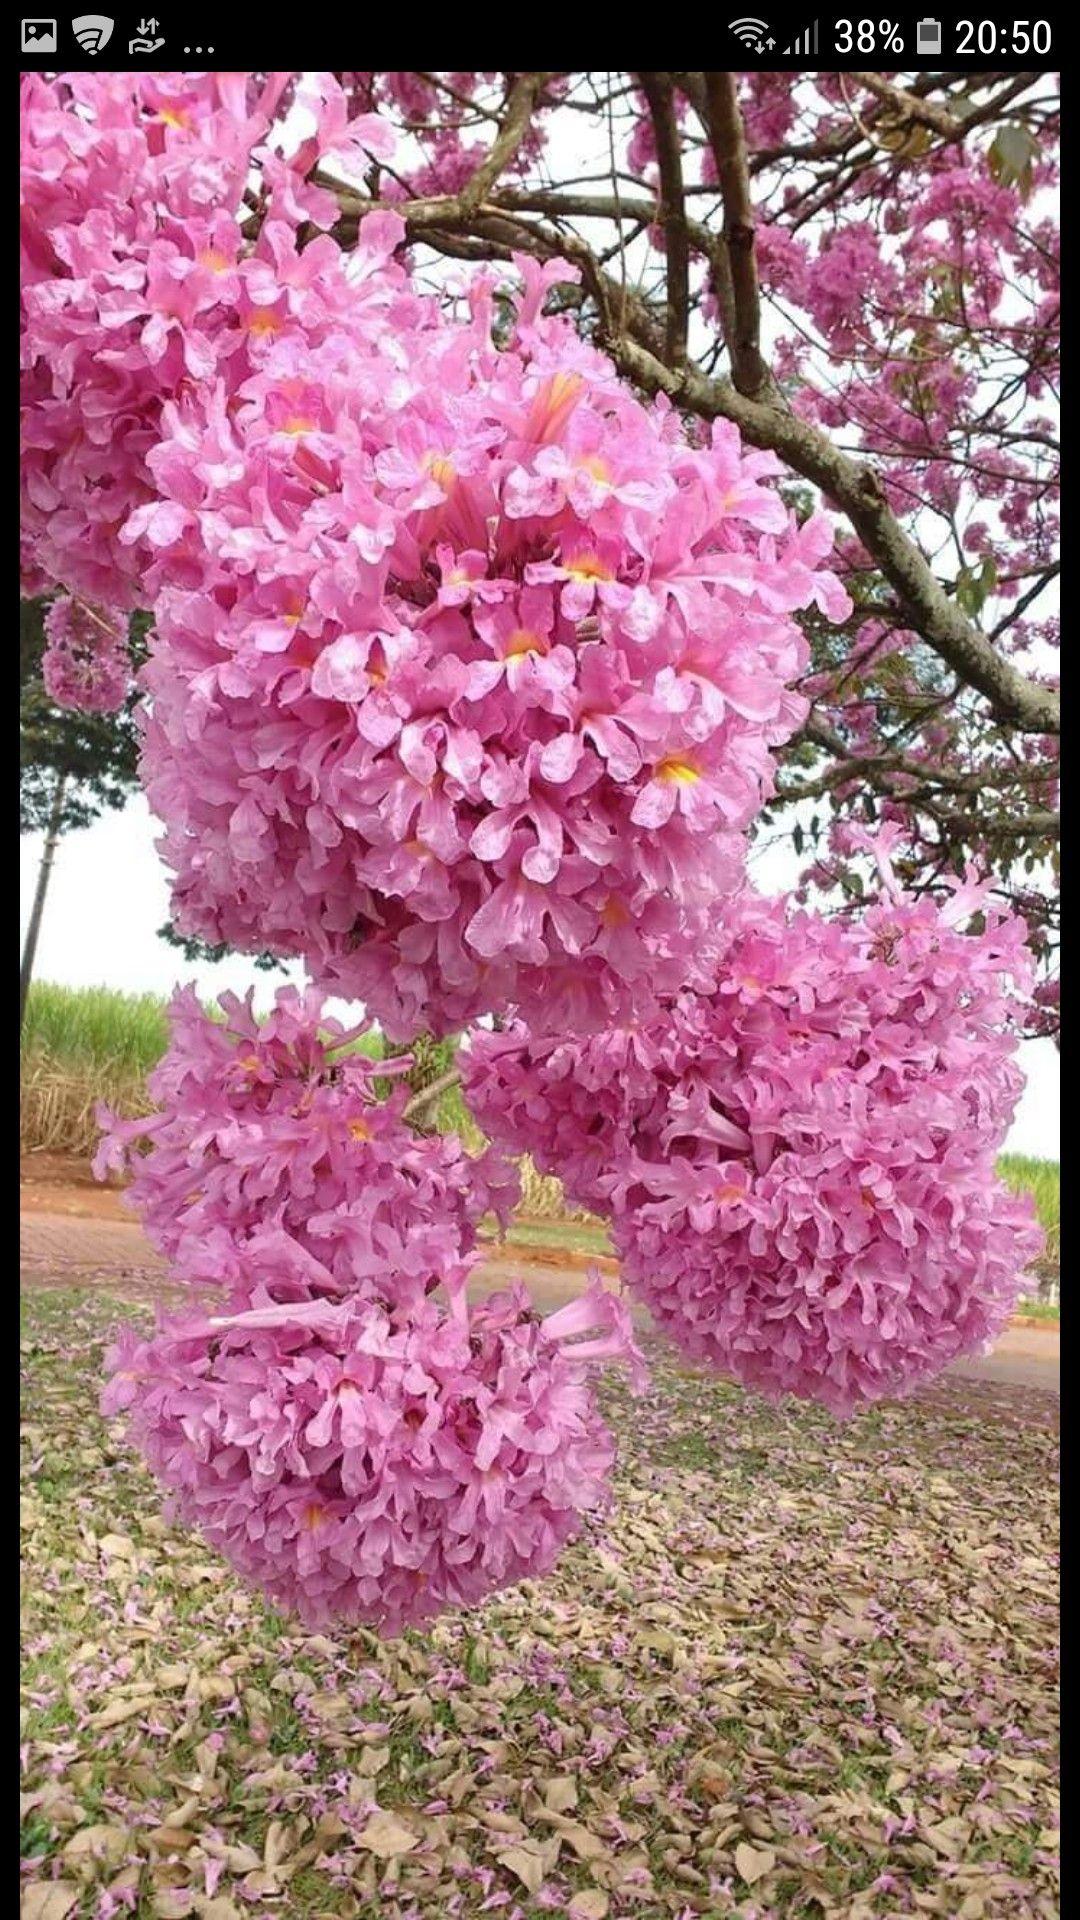 Fantastico Flores Exoticas Flores Bonitas Flores Increibles